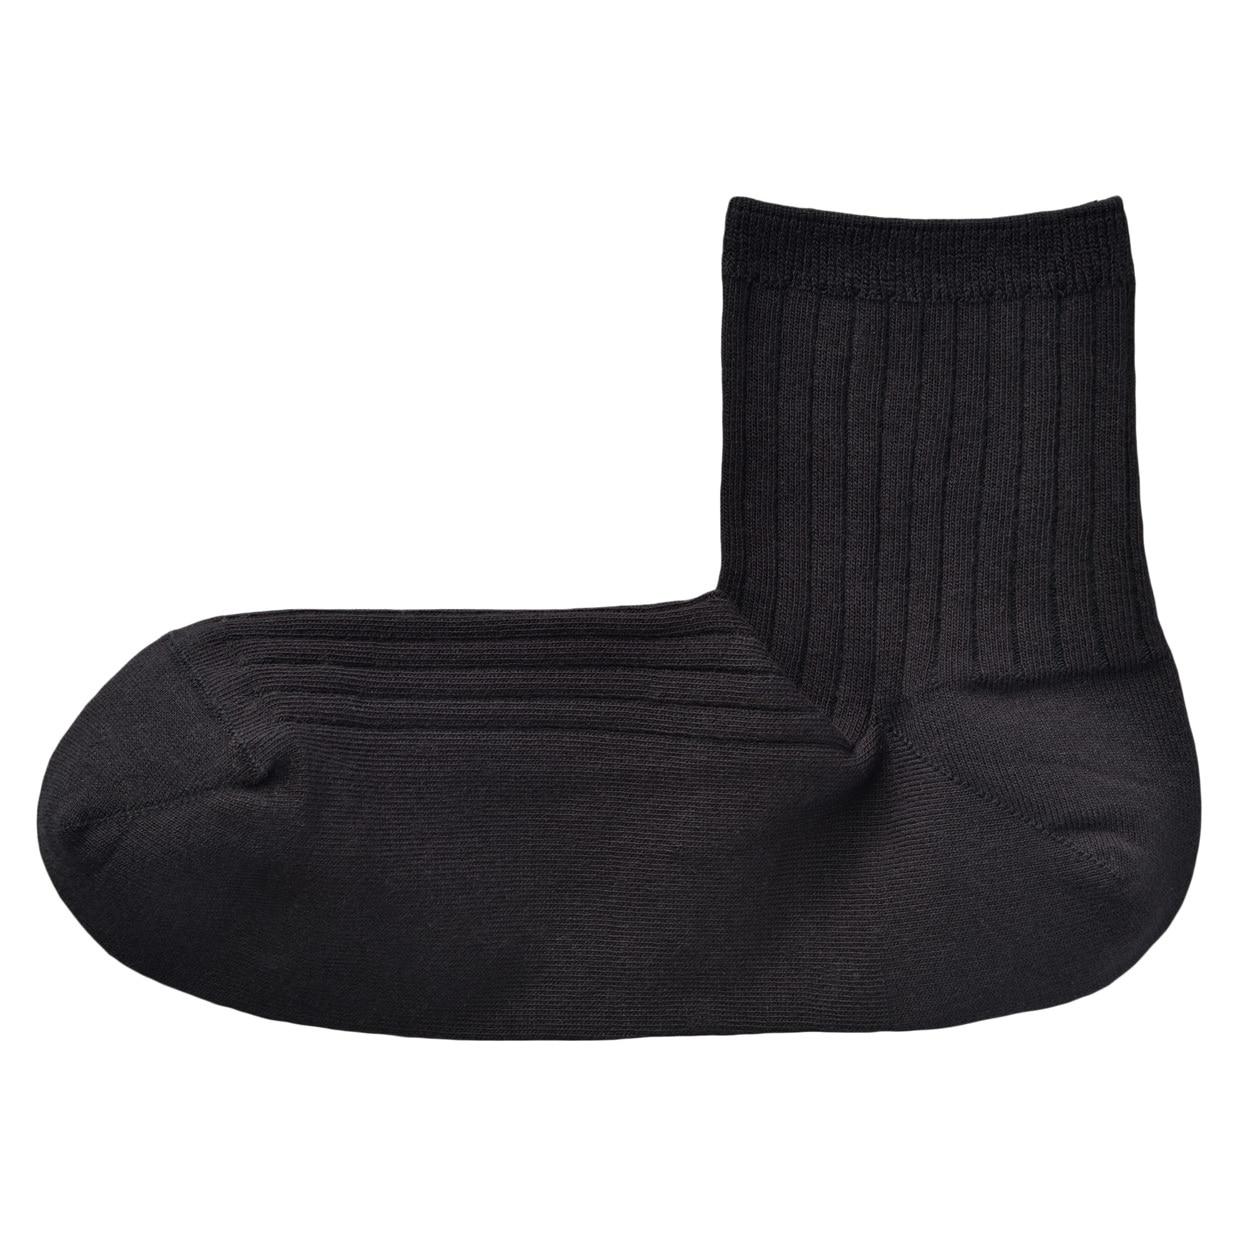 足なり直角 薄手リブ編み ショート丈靴下(婦人・えらべる)